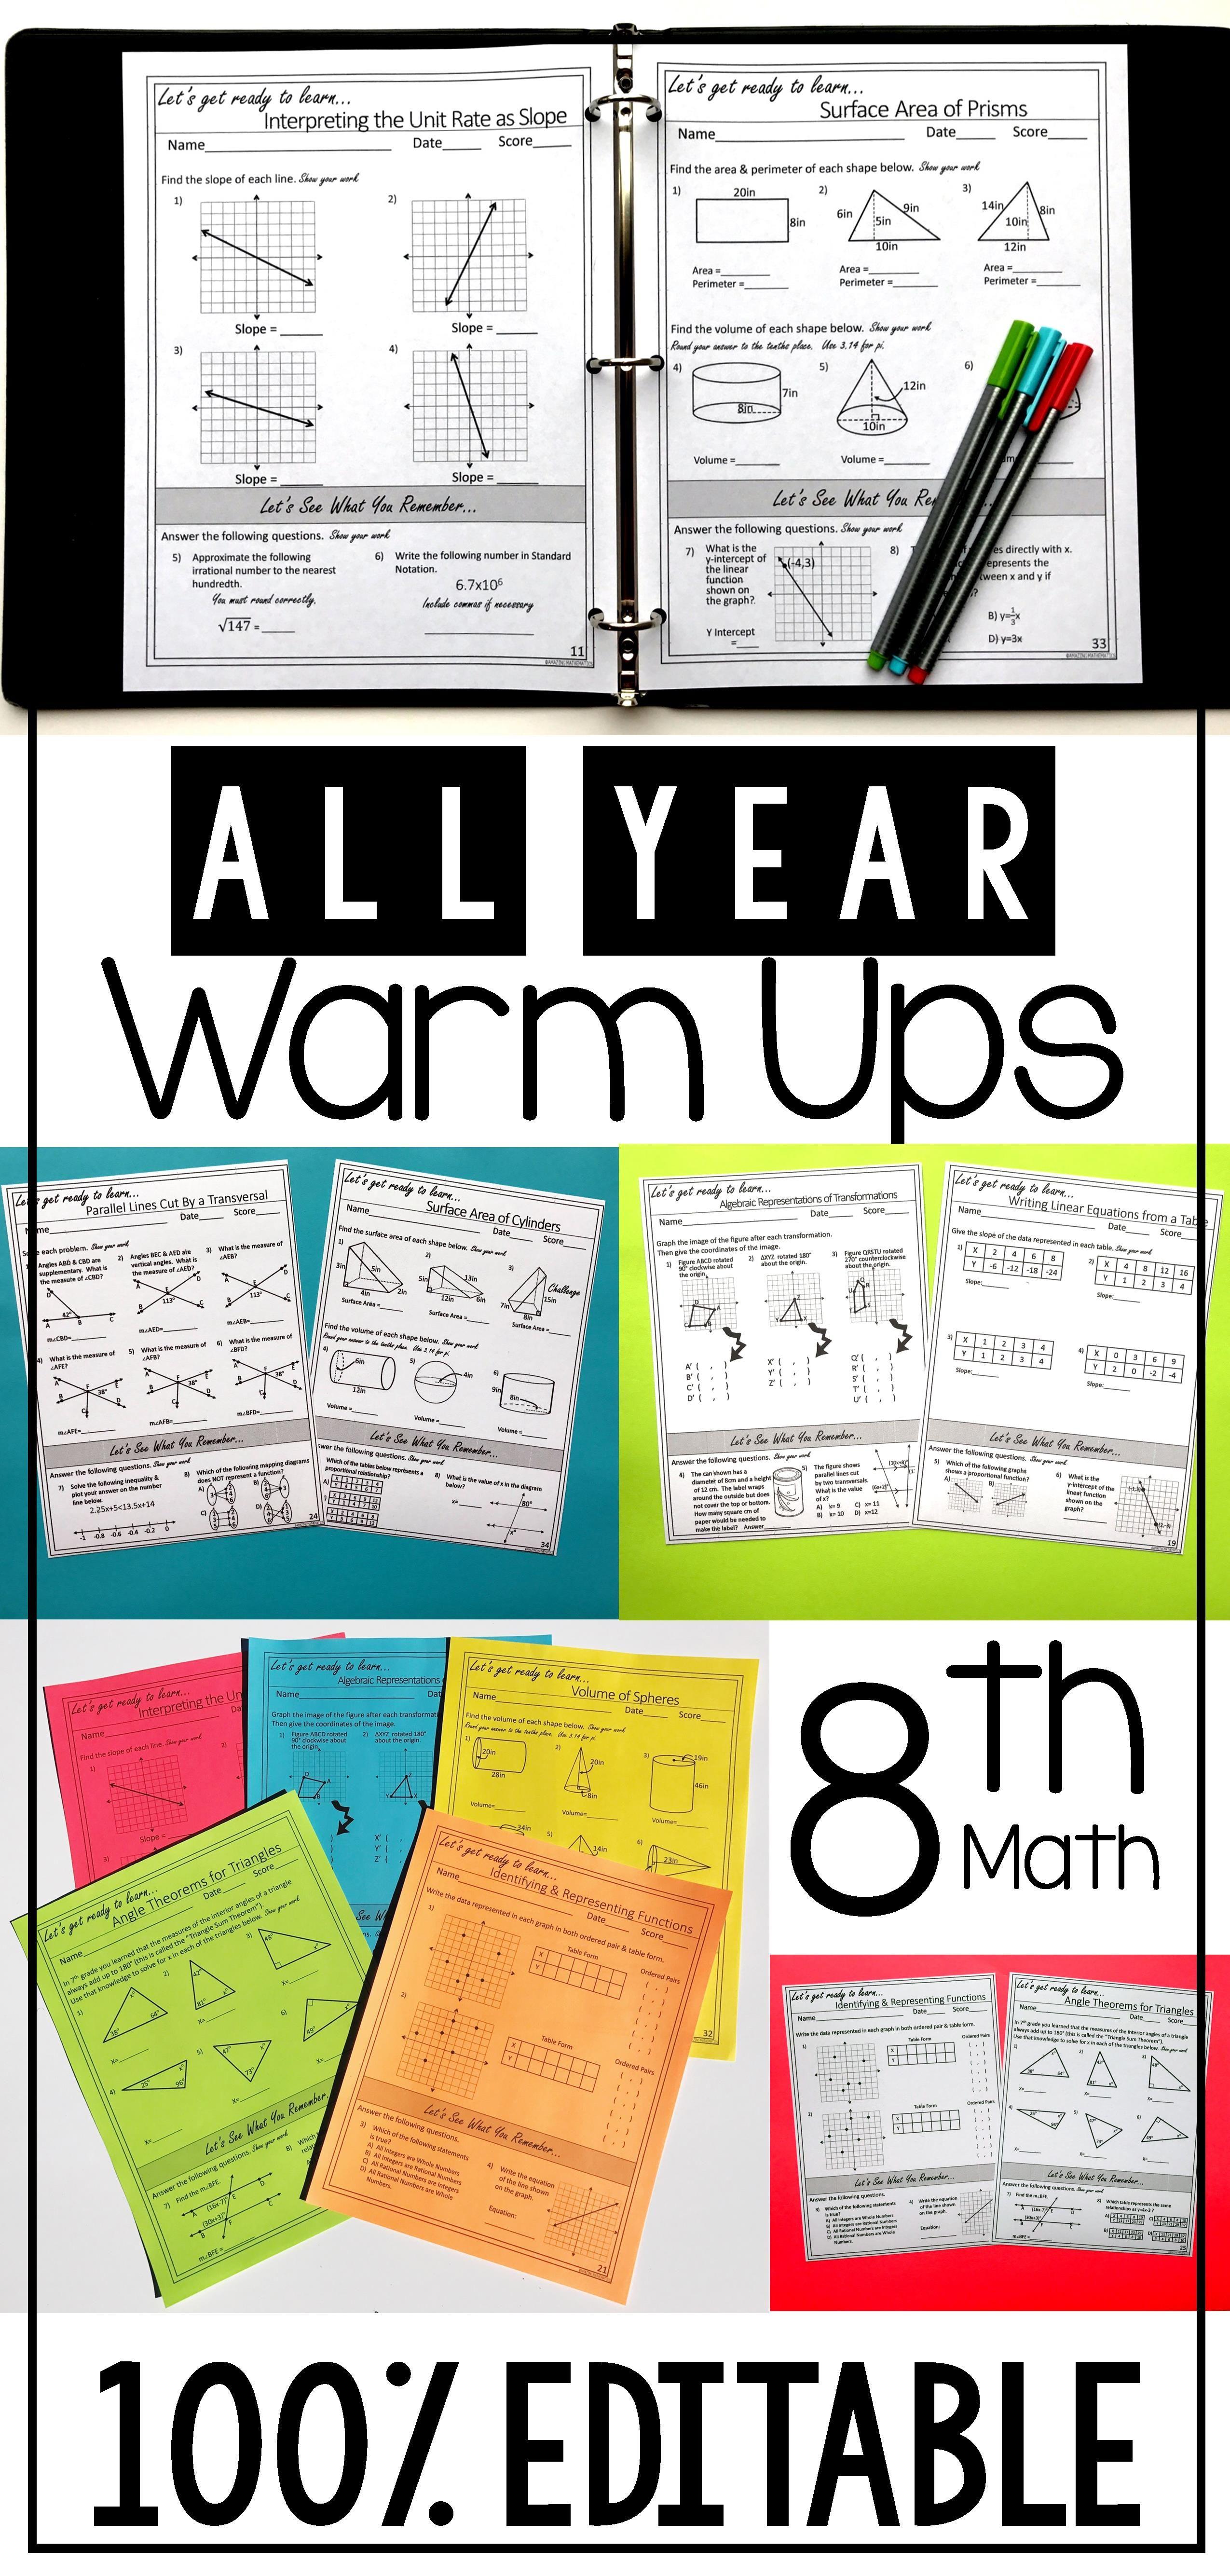 8th Grade Math Warm Ups